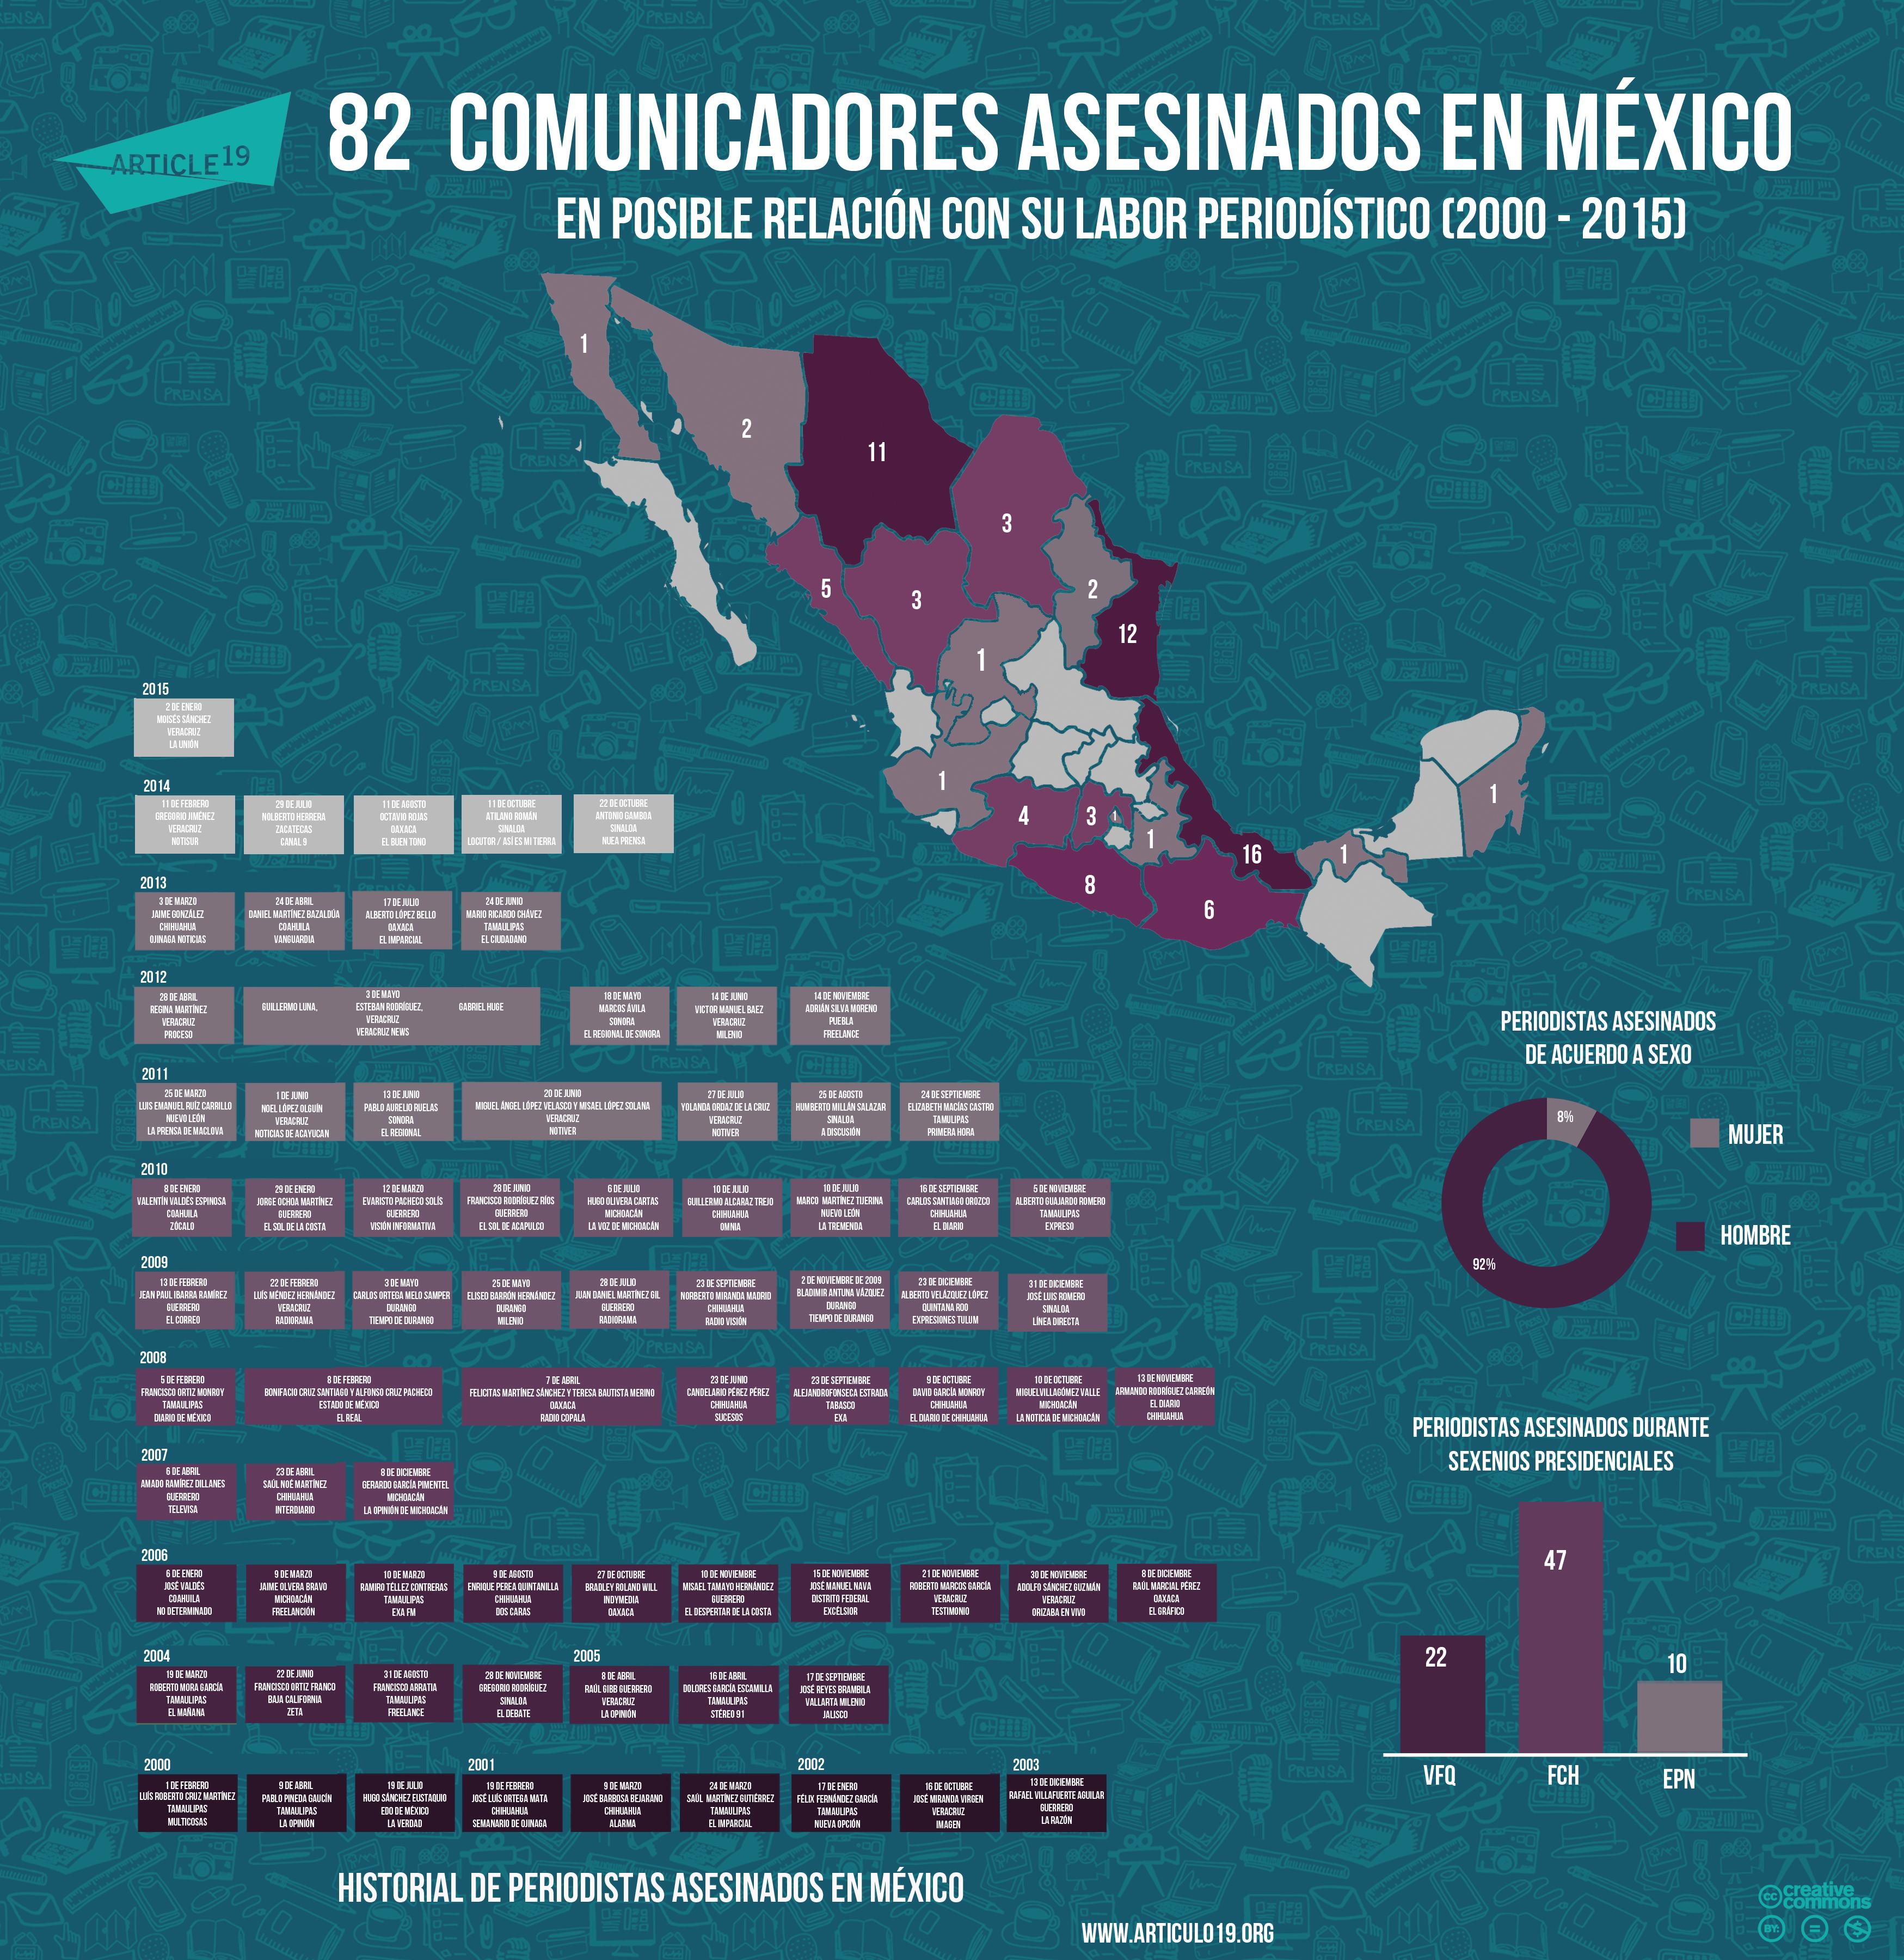 Periodistas asesinados 2015